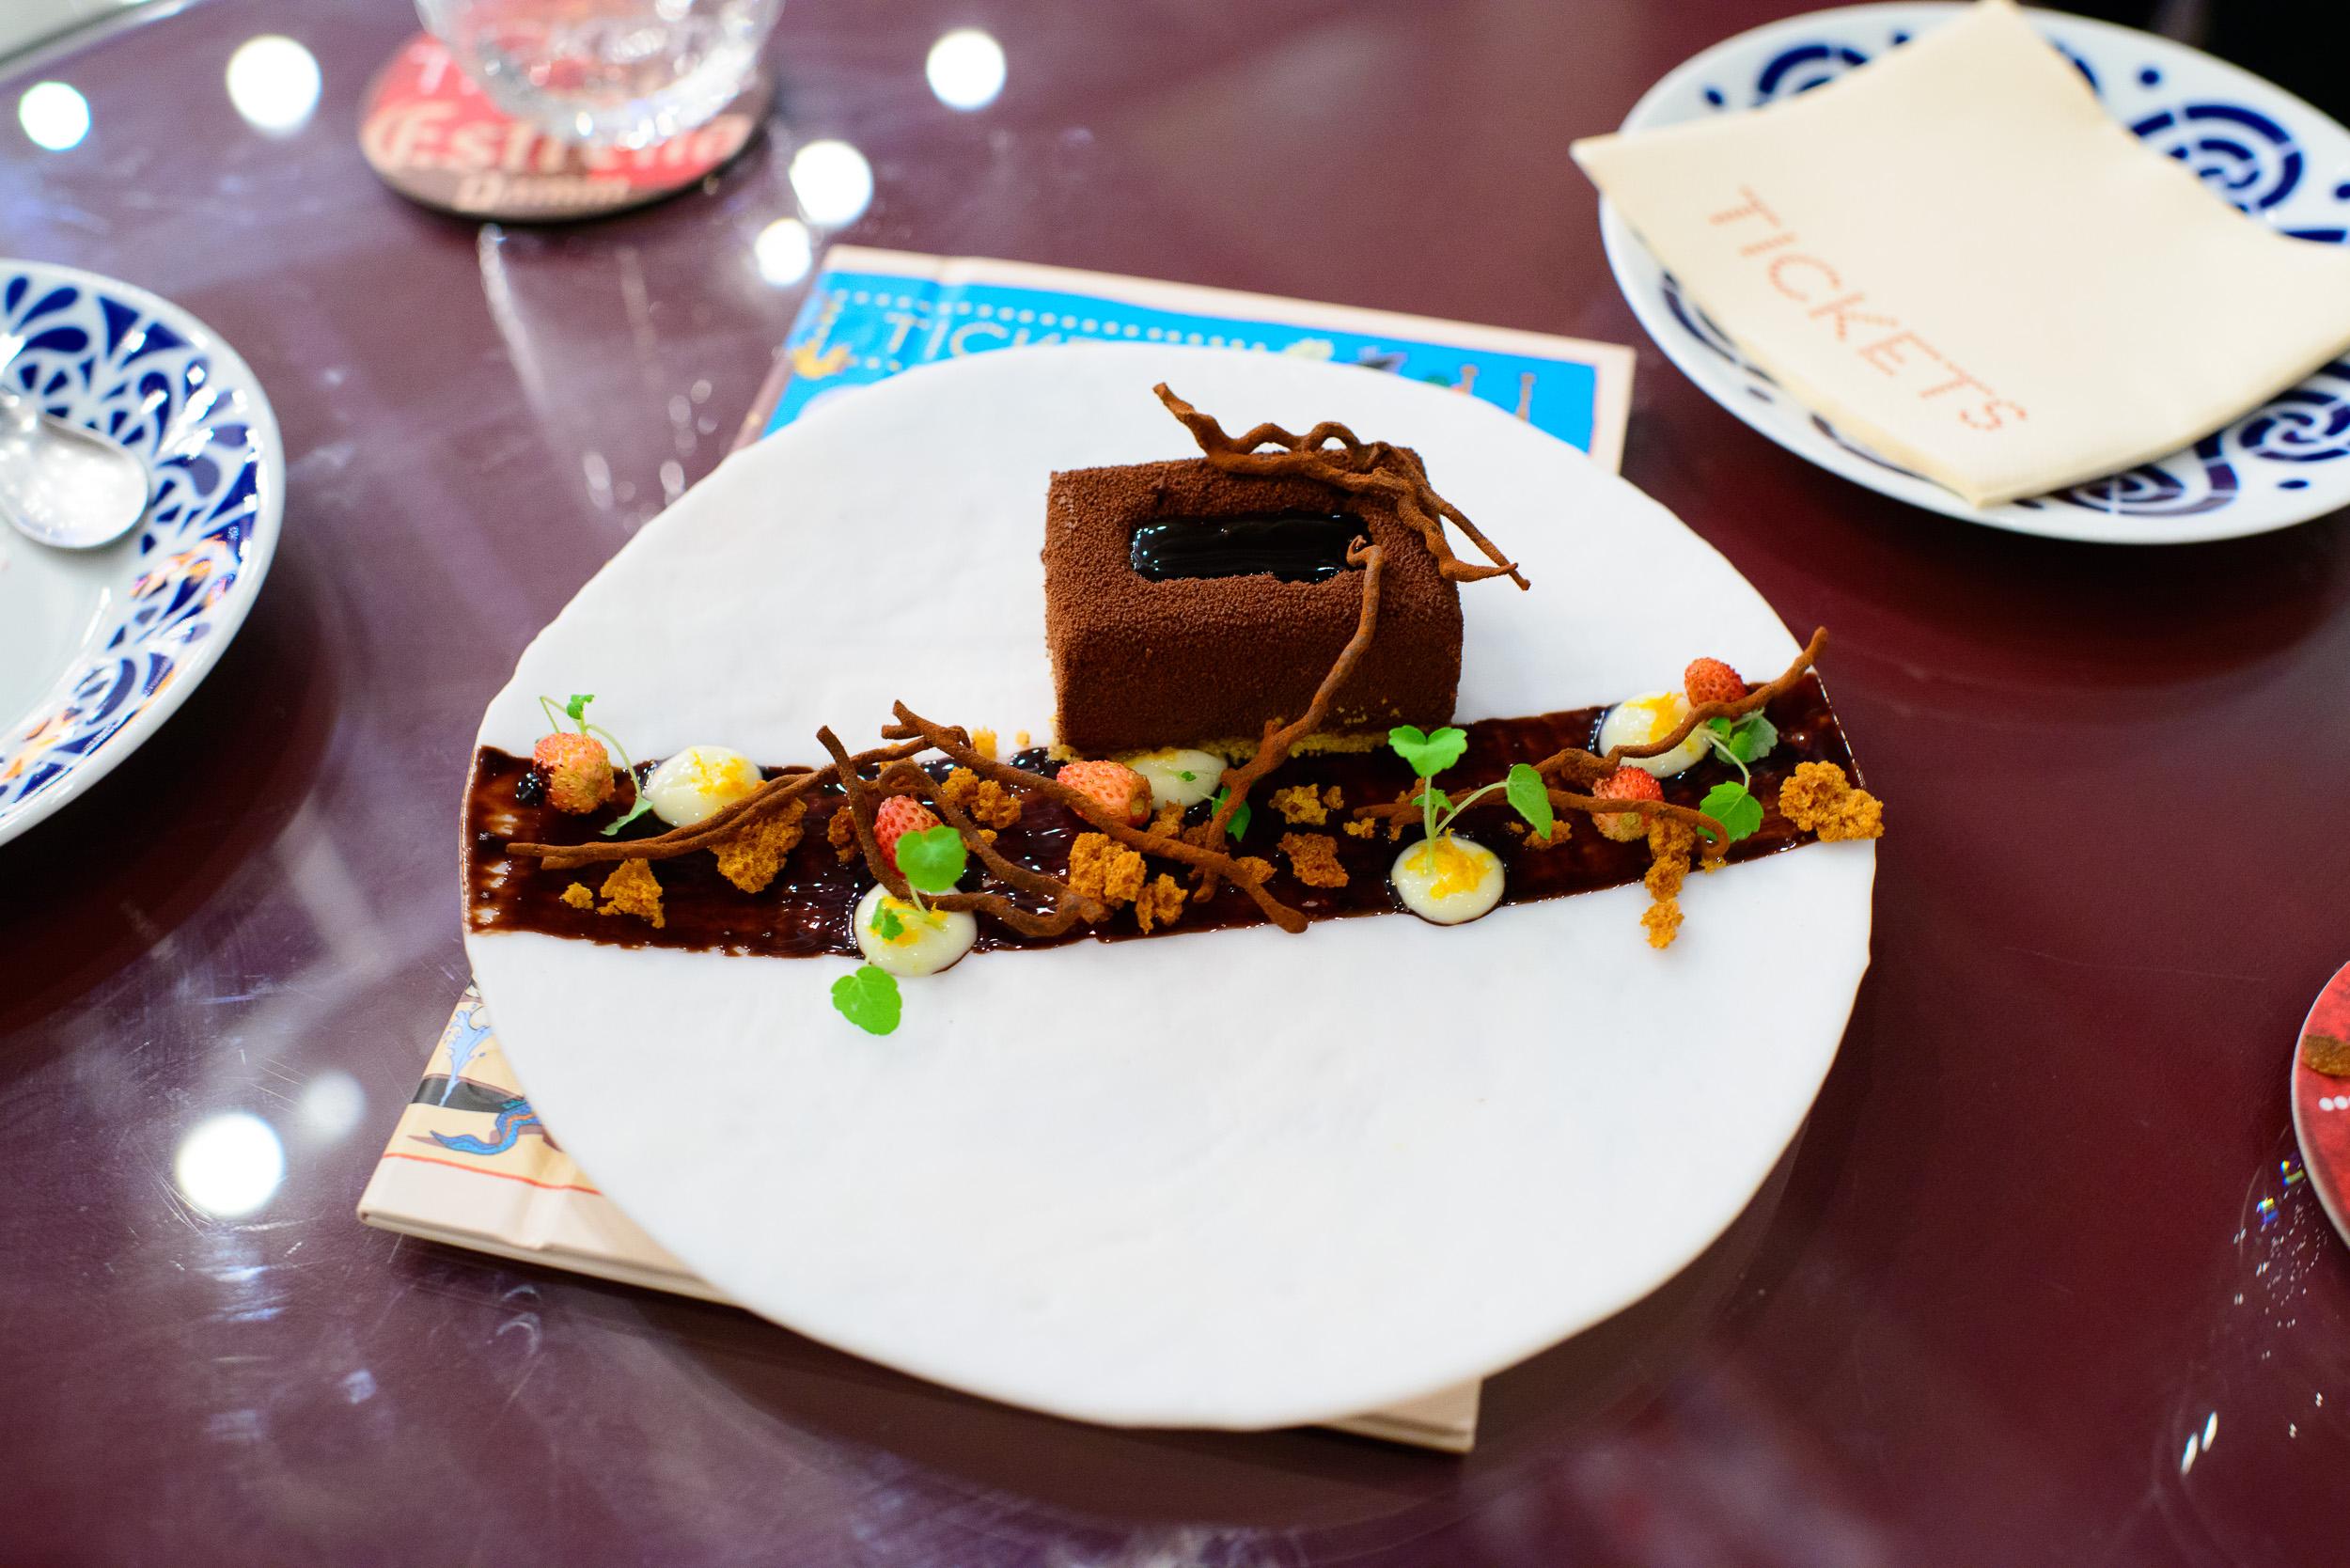 25th Course: Tarta de chocolate